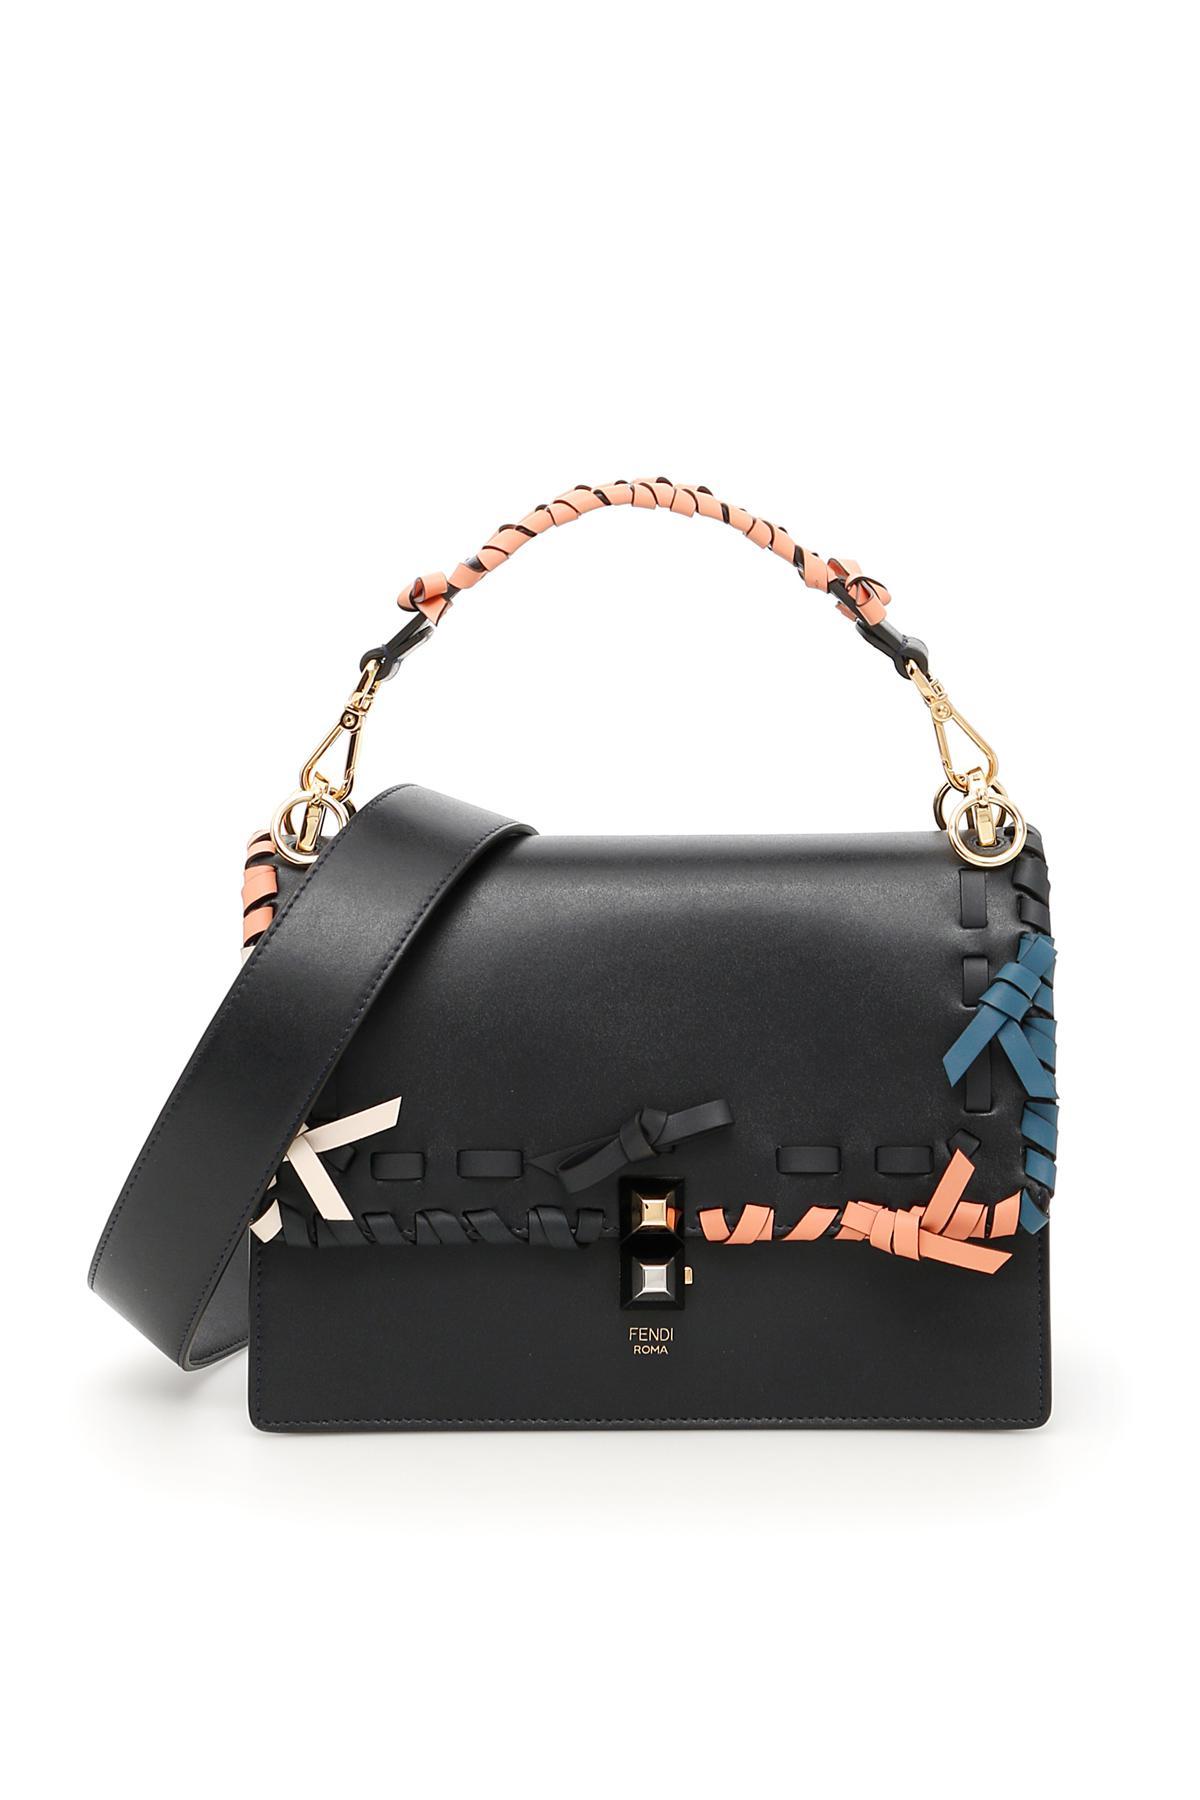 9175e5bf8303 Lyst - Fendi Kan I Bag in Black